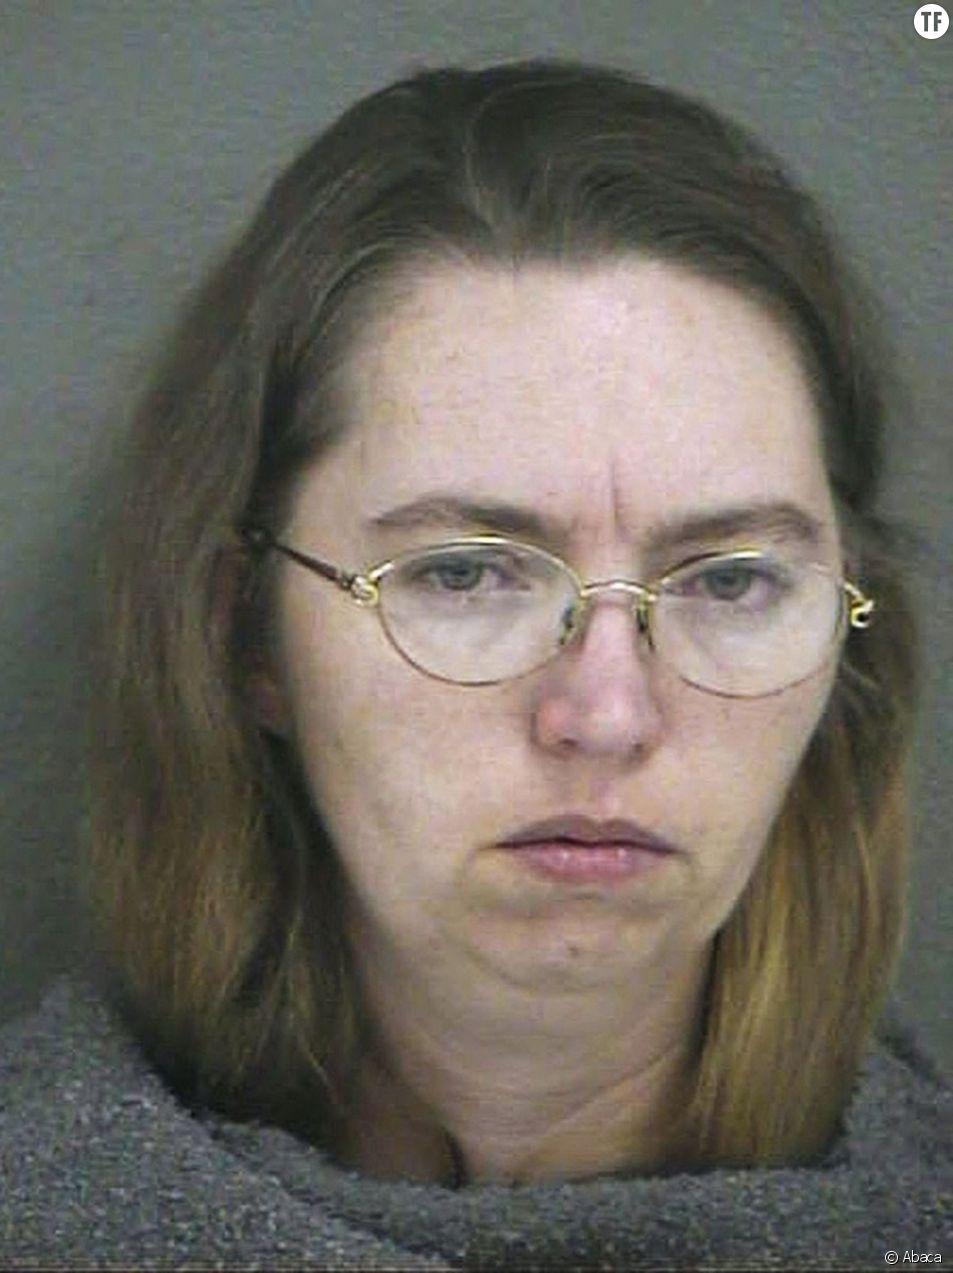 Lisa Montgomery, vue ici après son arrestation pour le meurtre d'une femme enceinte en 2004, a été exécutée par injection létale mercredi 13 janvier 2021 au pénitencier américain de Terre Haute, Indiana.